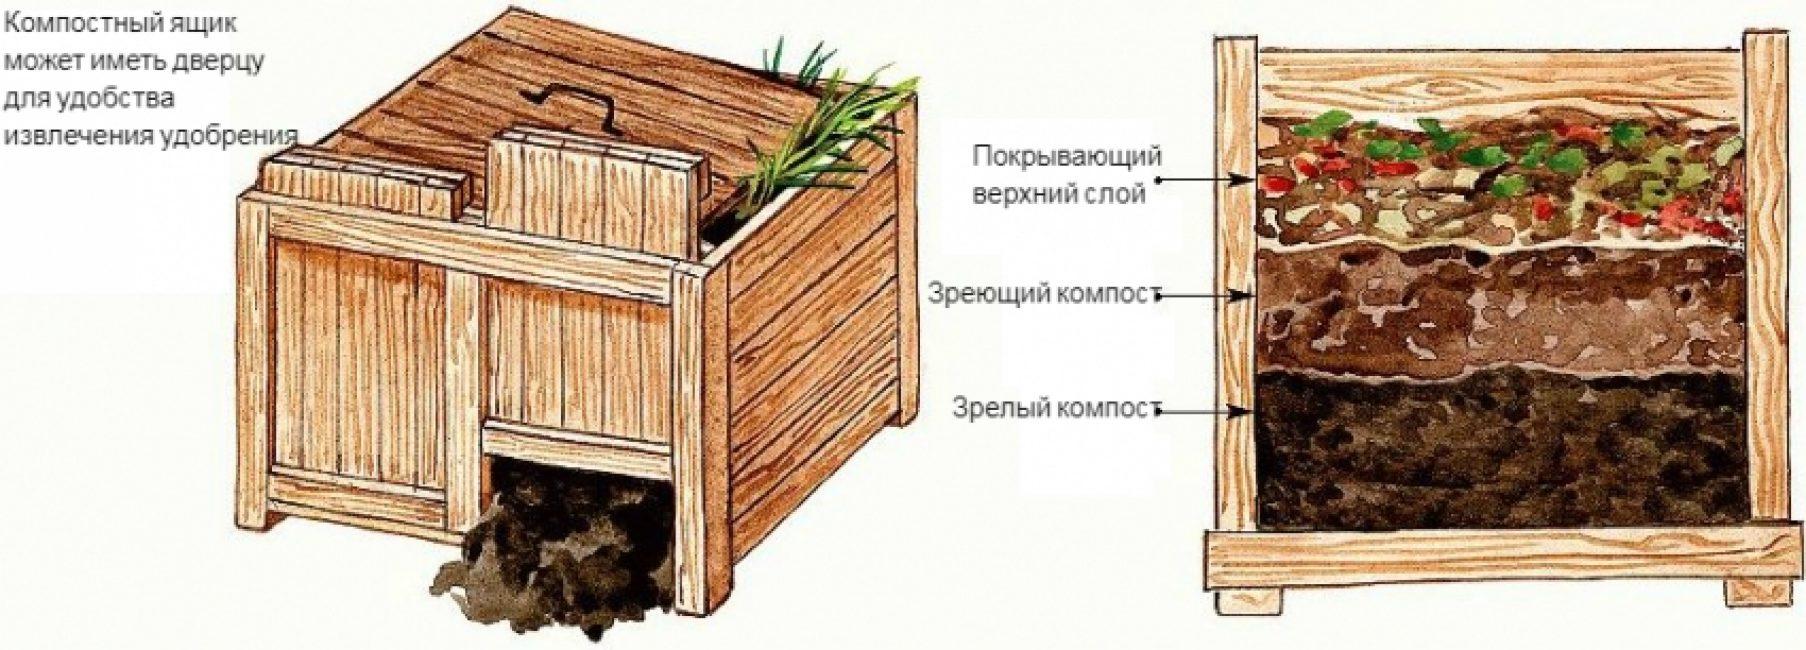 как ускорить переработку компоста